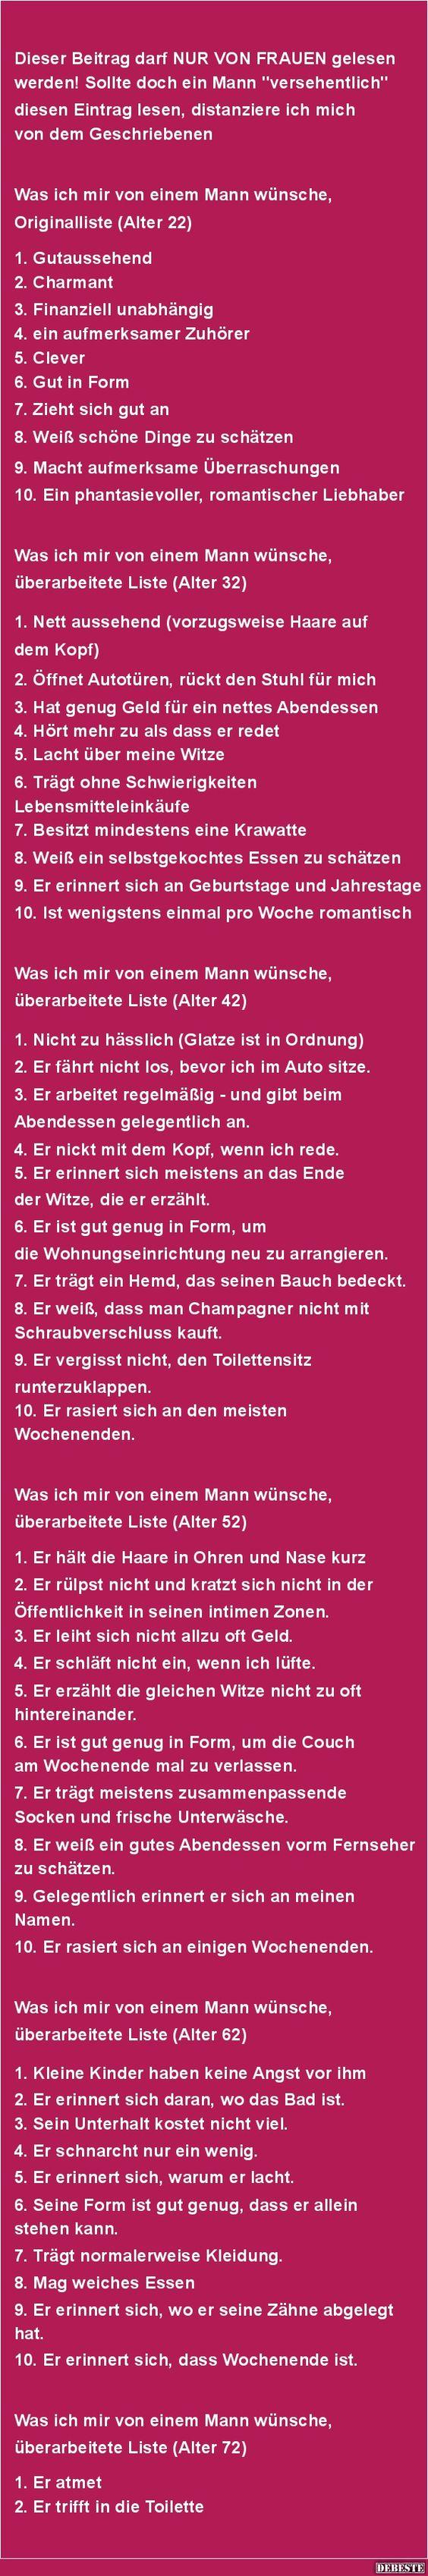 Küchen Witze Über Frauen ~ was frau alles will debeste de, lustige bilder, sprüche, witze und videos sprüche